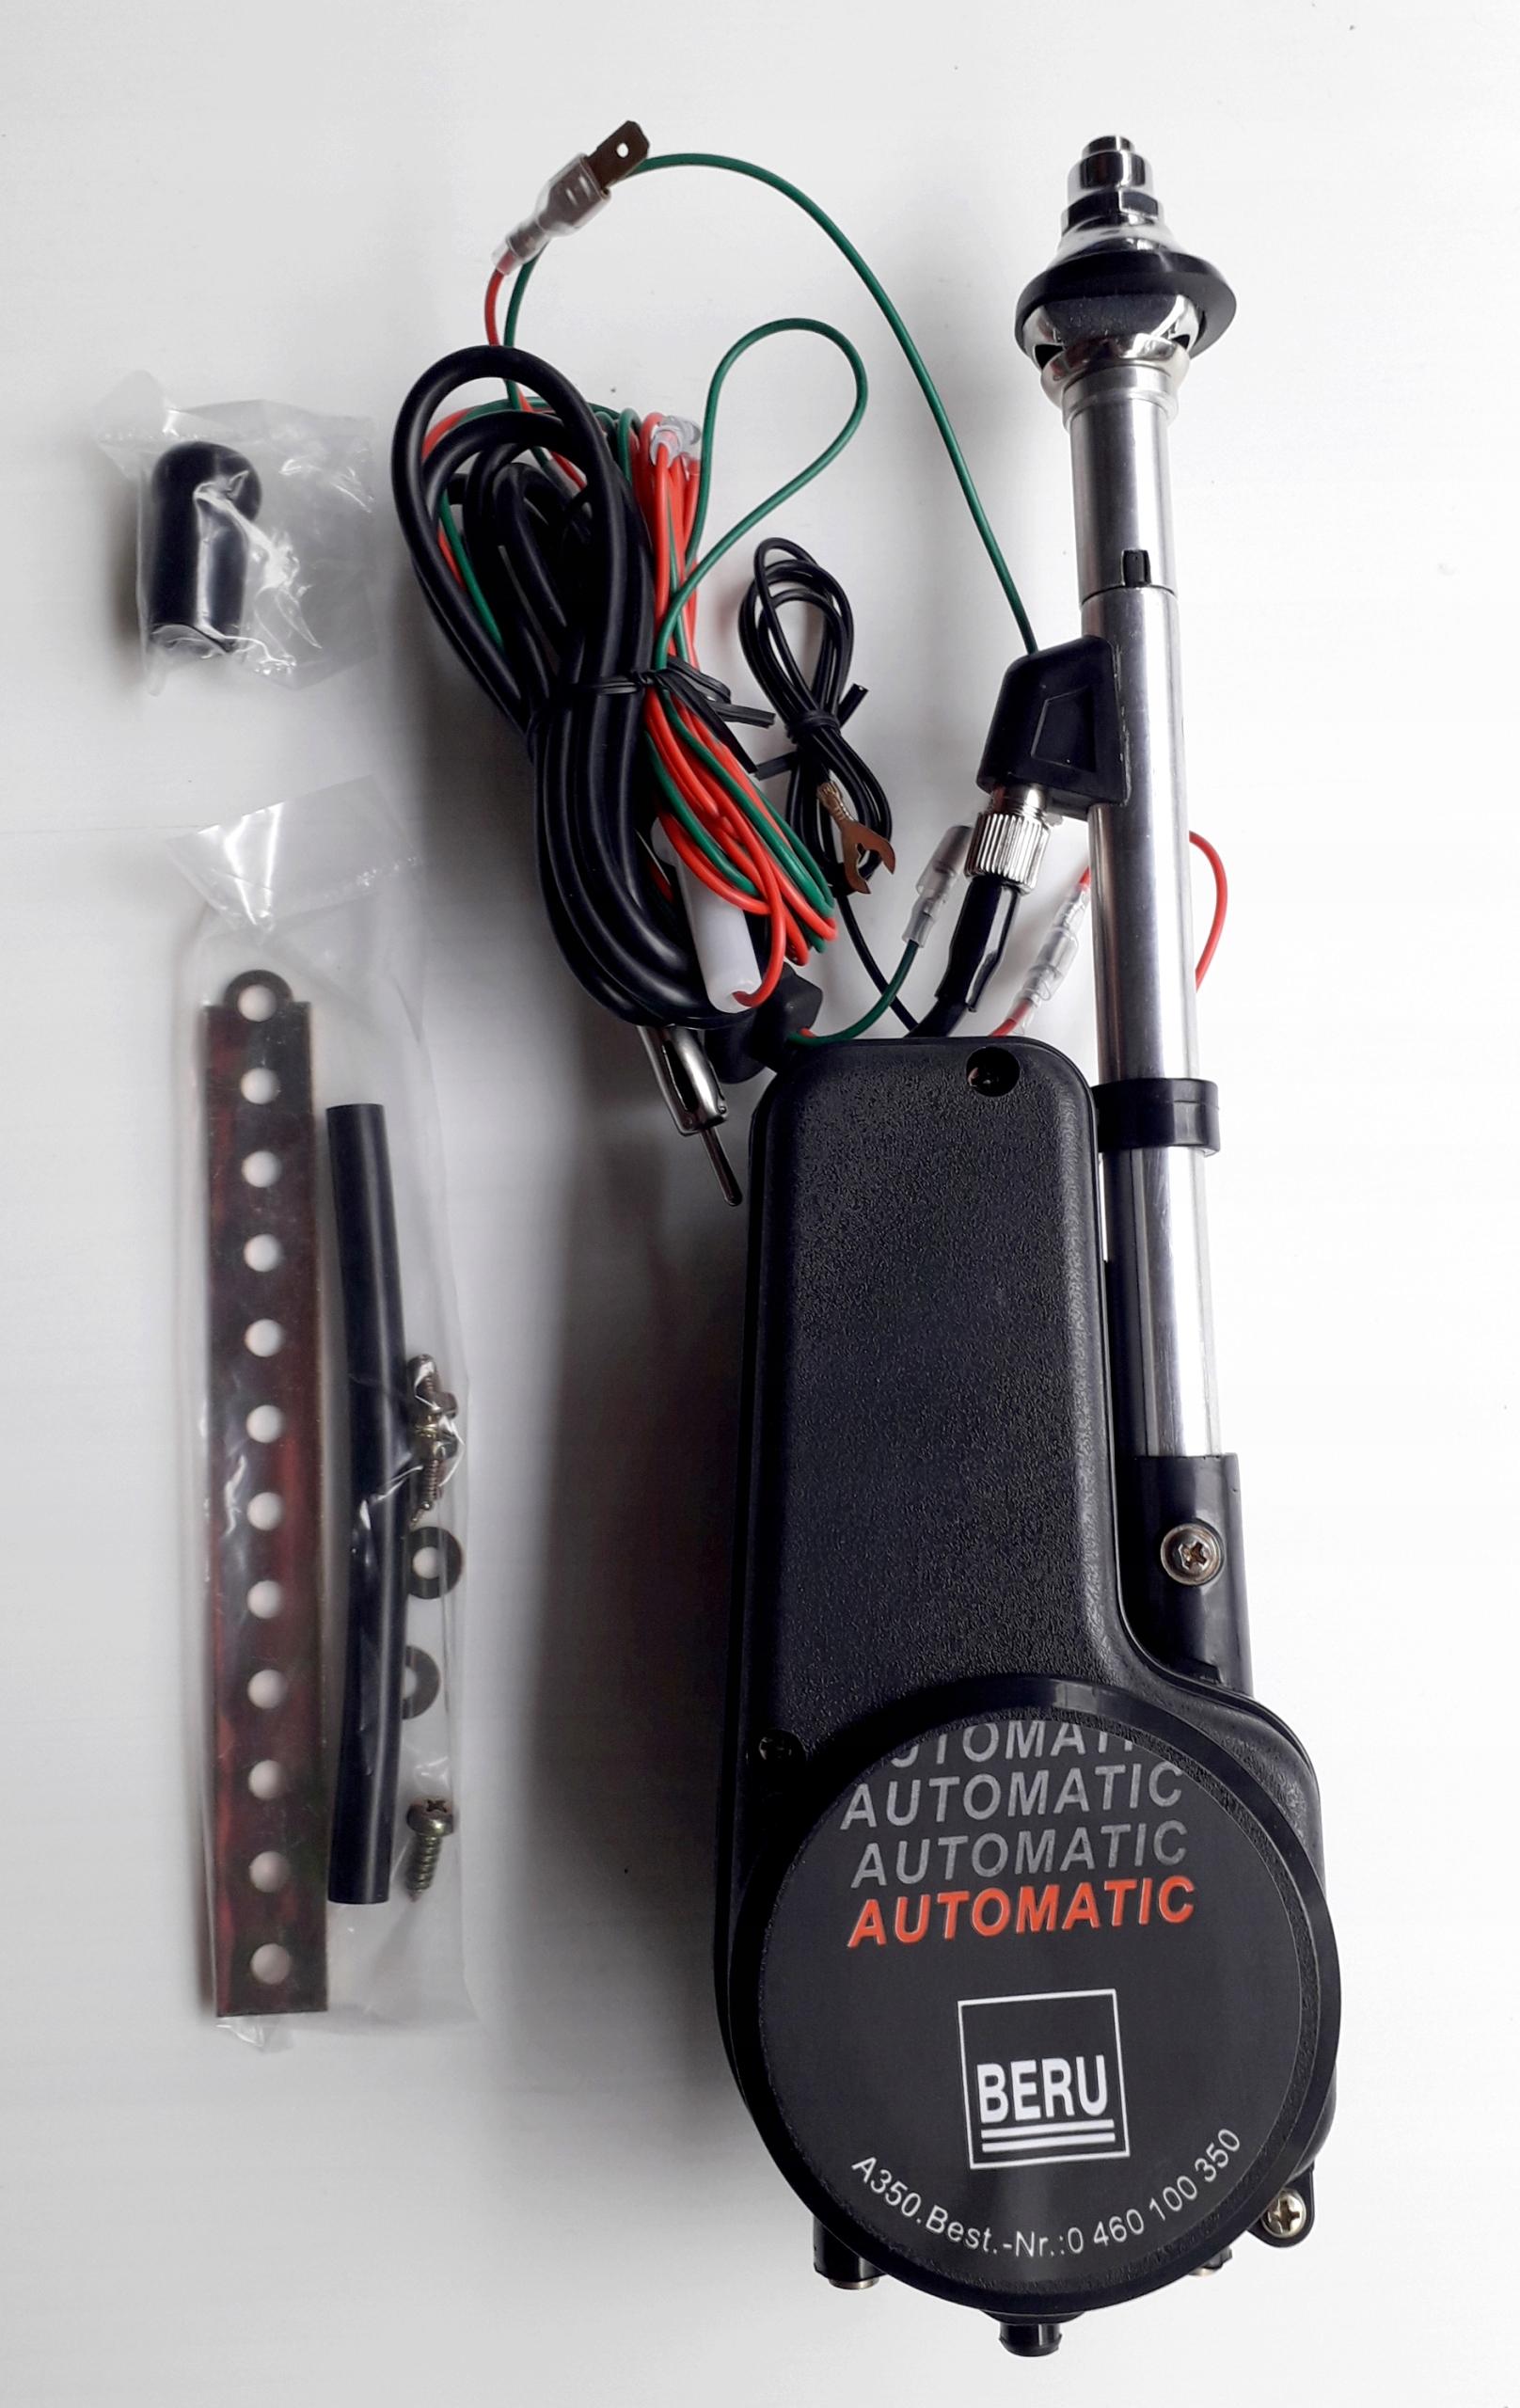 Beru antena a350-a350